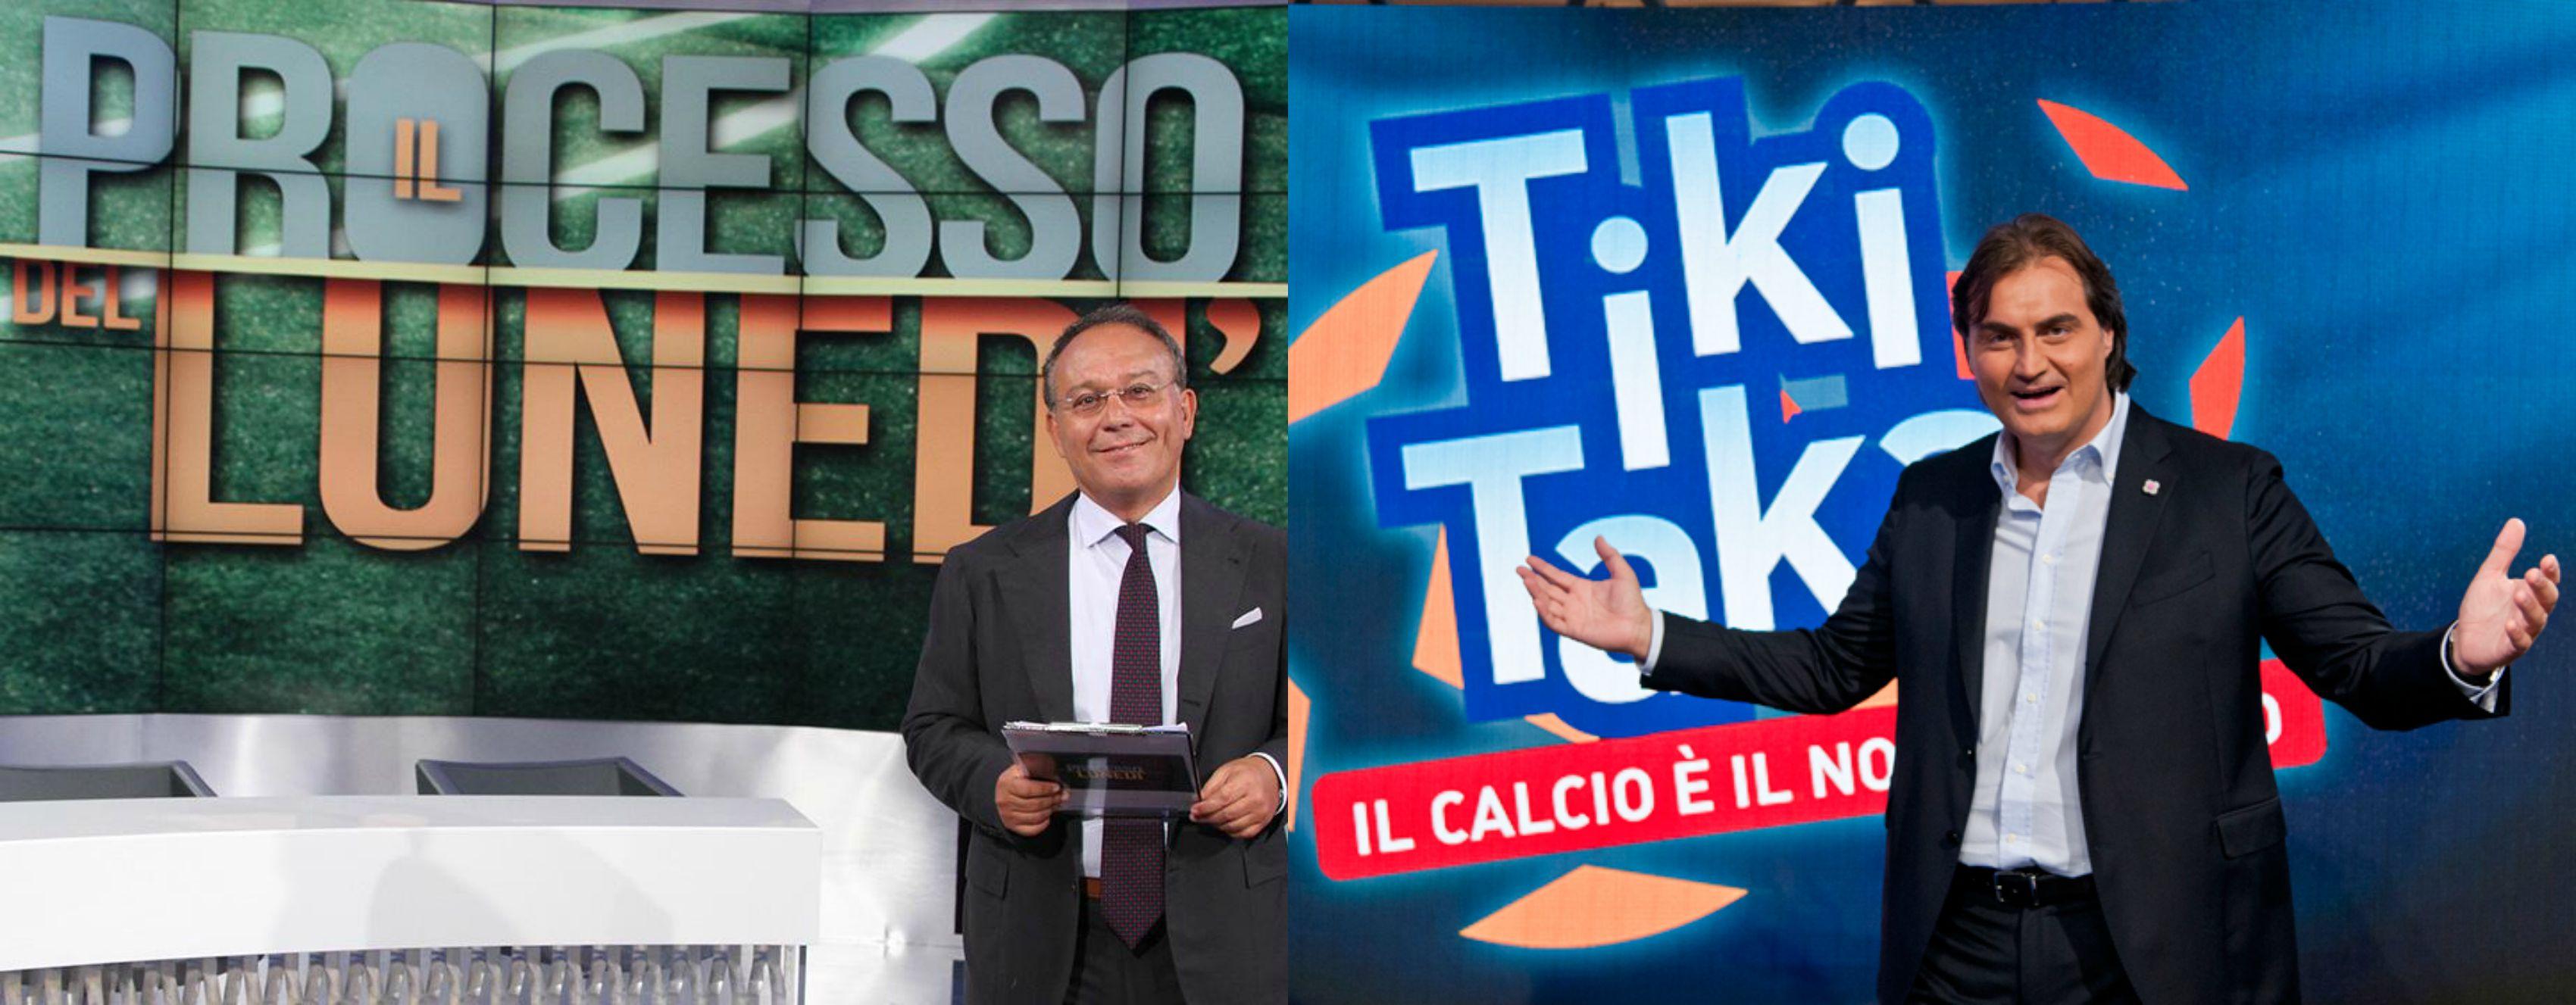 LUNEDI' NOTTE A BASE DI CALCIO: INIZIA QUESTA SERA LA SFIDA TRA IL PROCESSO DEL LUNEDI' (RAI3) E TIKI TAKA (ITALIA1) - ANTICIPAZIONI E OSPITI PicMonkey Collage